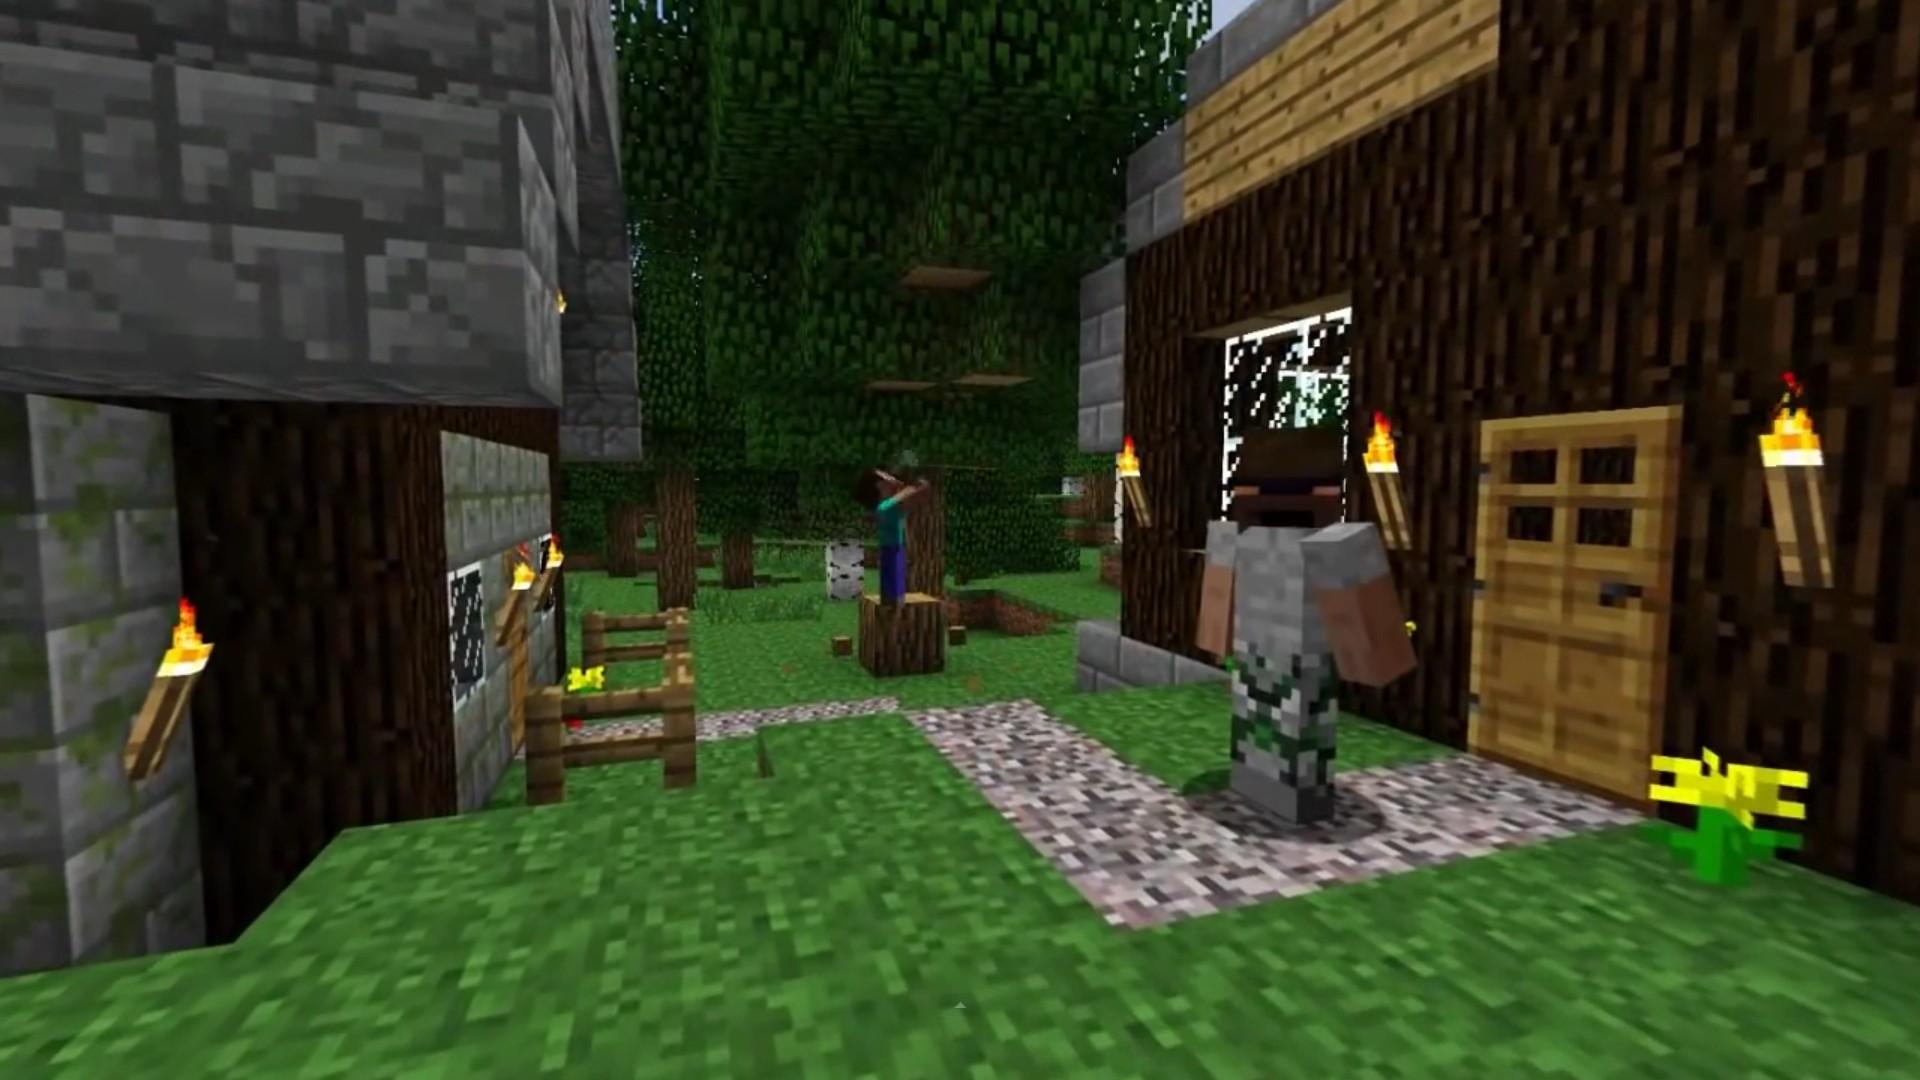 Casino Spiele Online Spielen Casino Spiele Kostenlos Ohne Anmeldung - Minecraft kostenlos spielen und downloaden